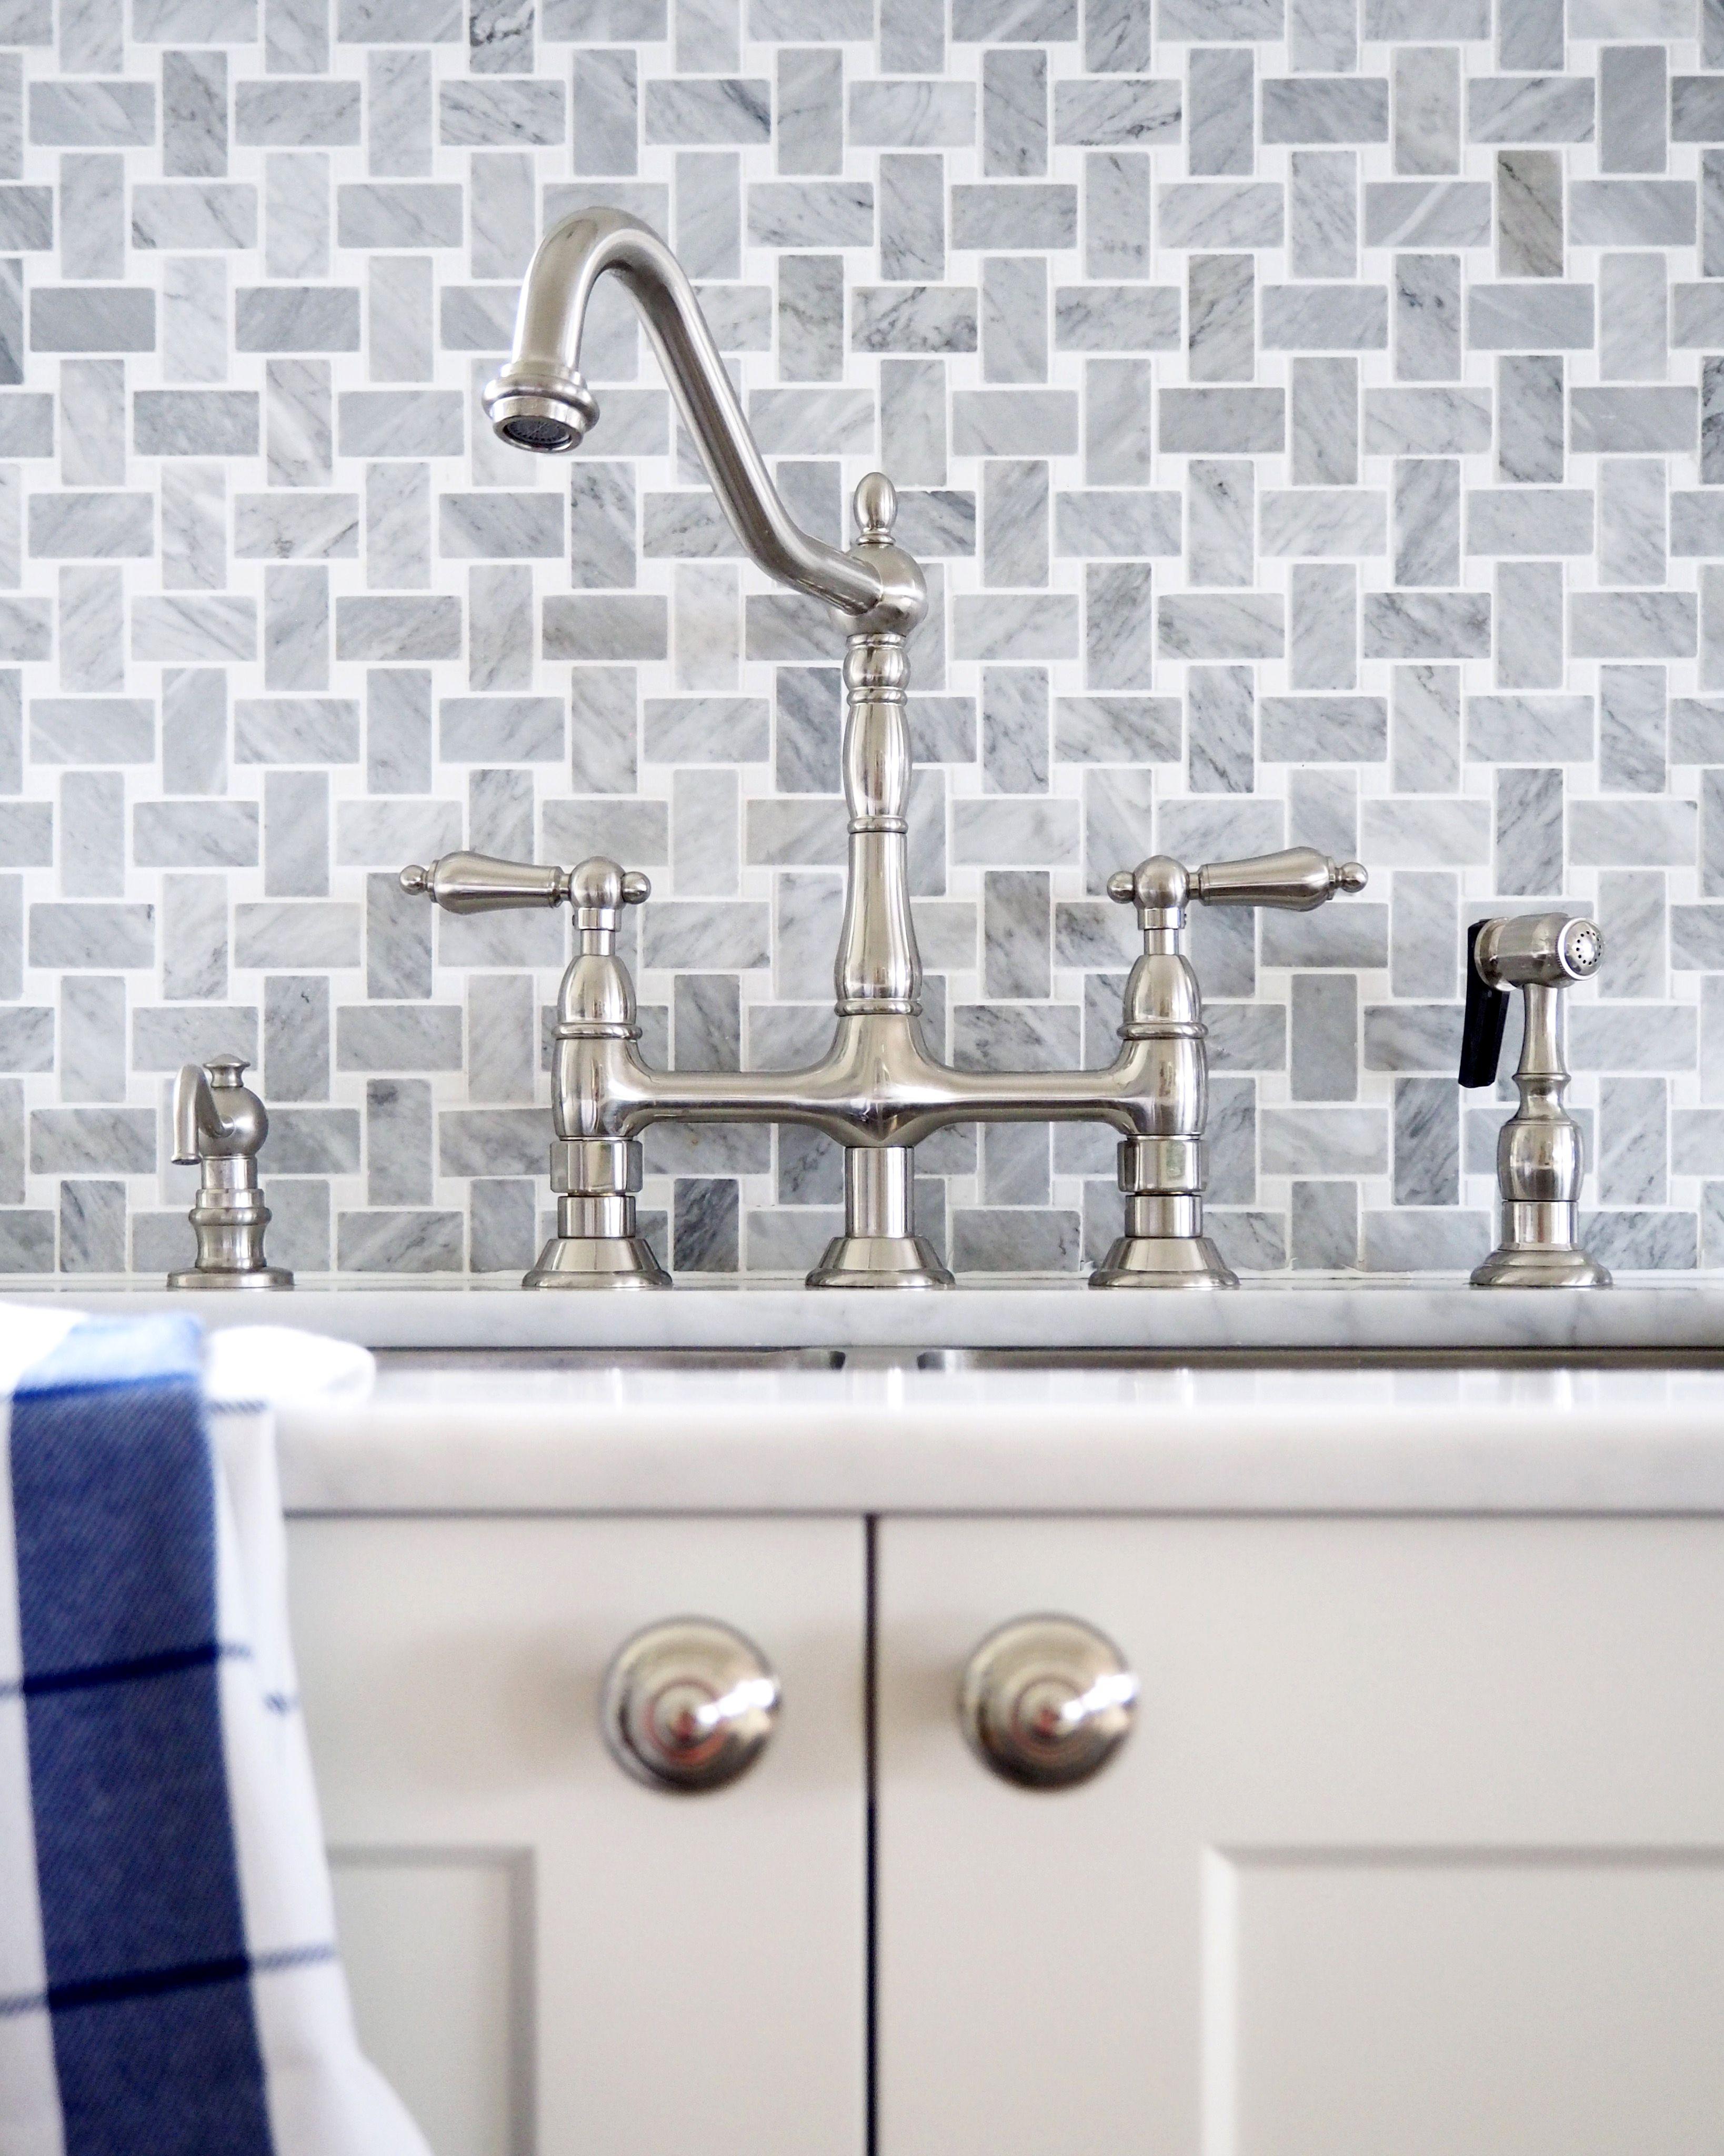 kitchen faucet kingston brass